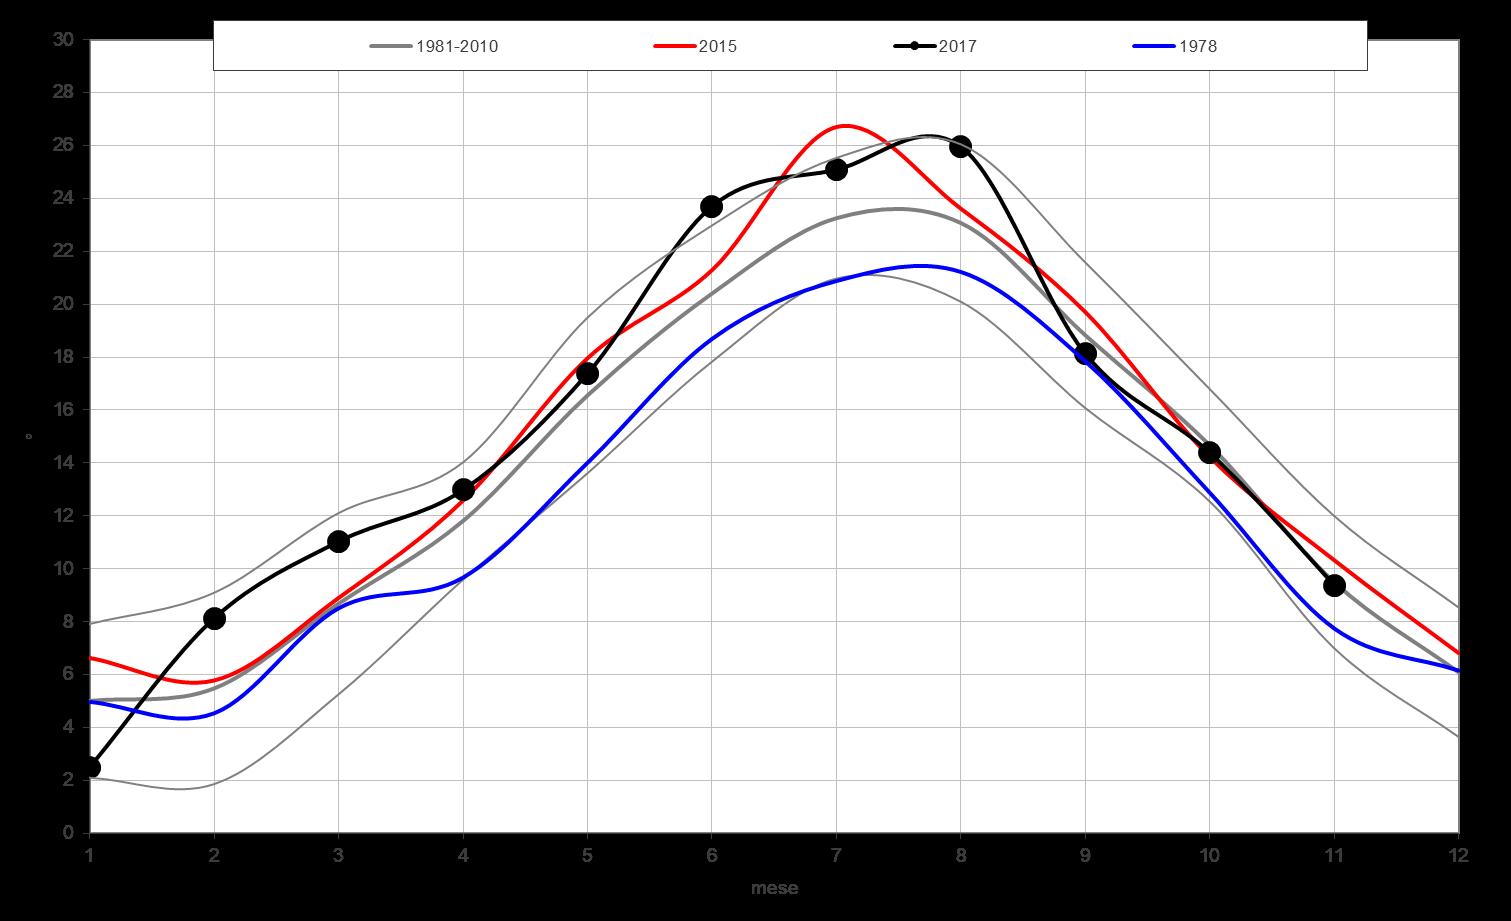 Meteo ASSAM Marche - temperatura anni più caldi